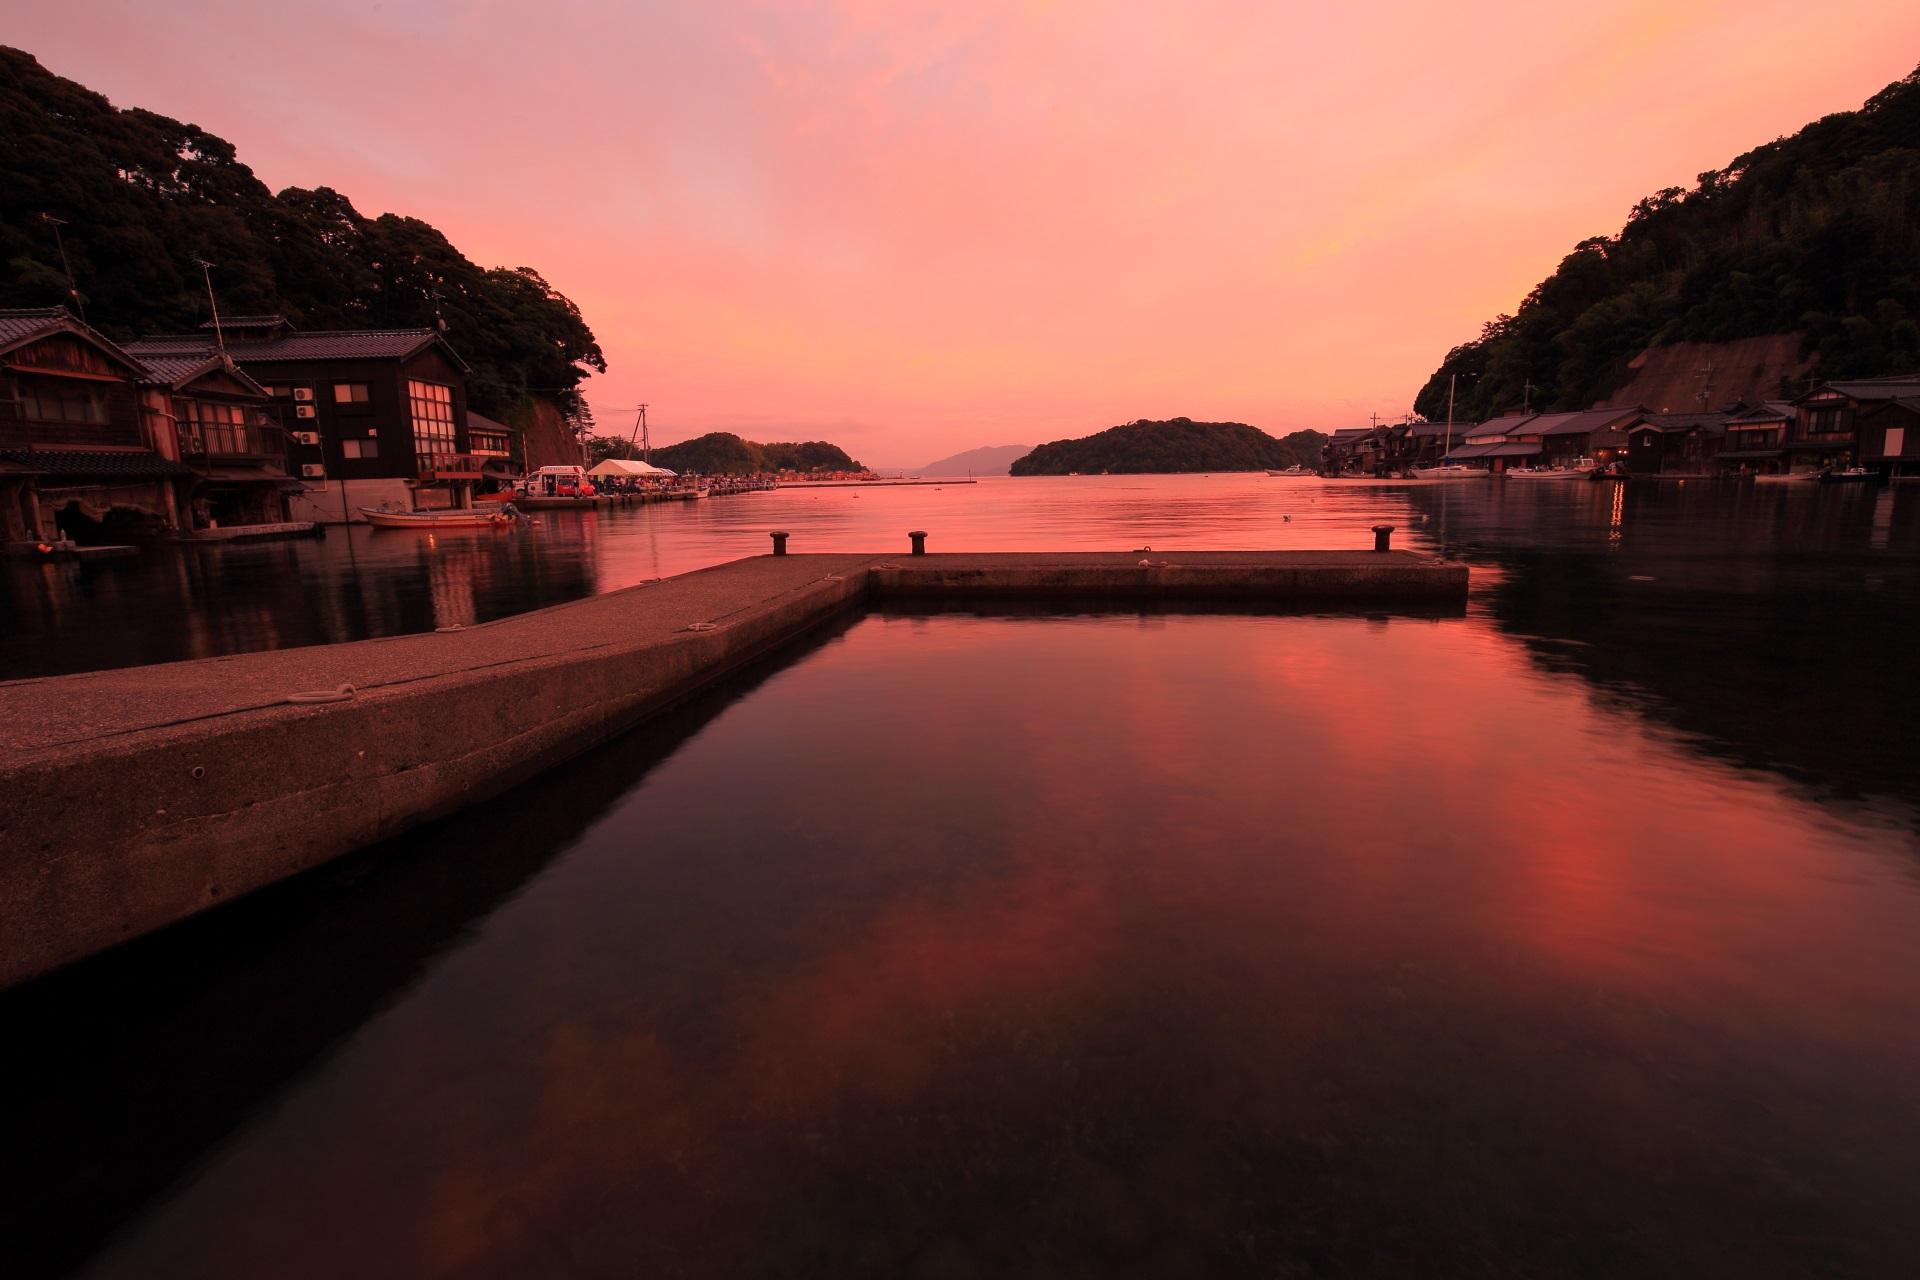 伊根の舟屋 夕焼け 彩りにそまる伊根湾